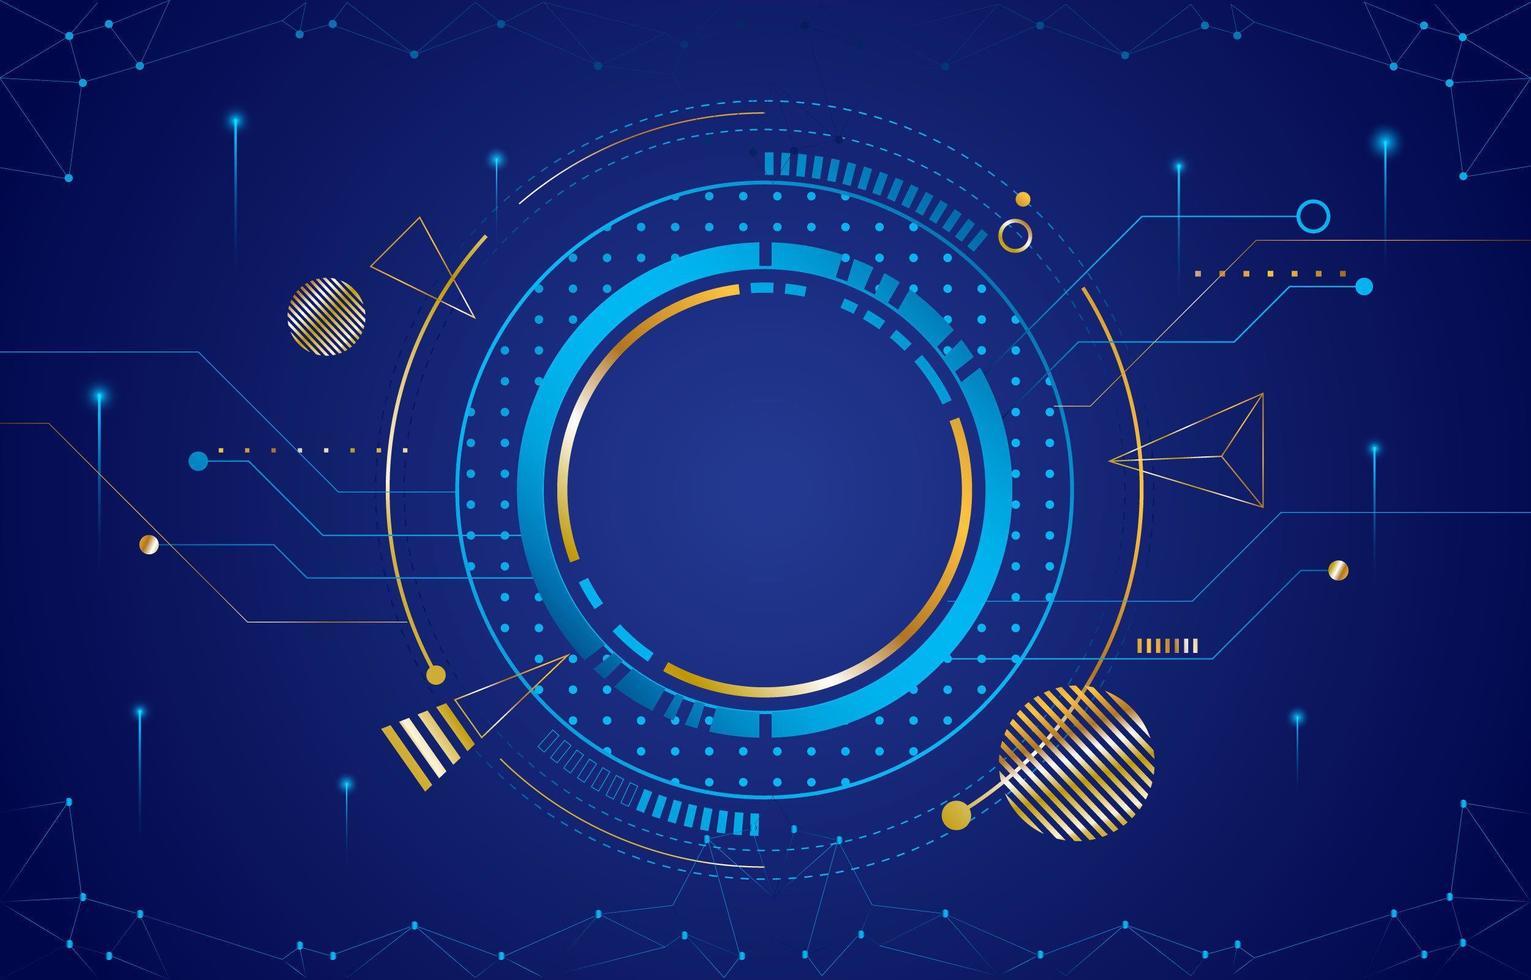 círculo digital com cor azul e ouro vetor